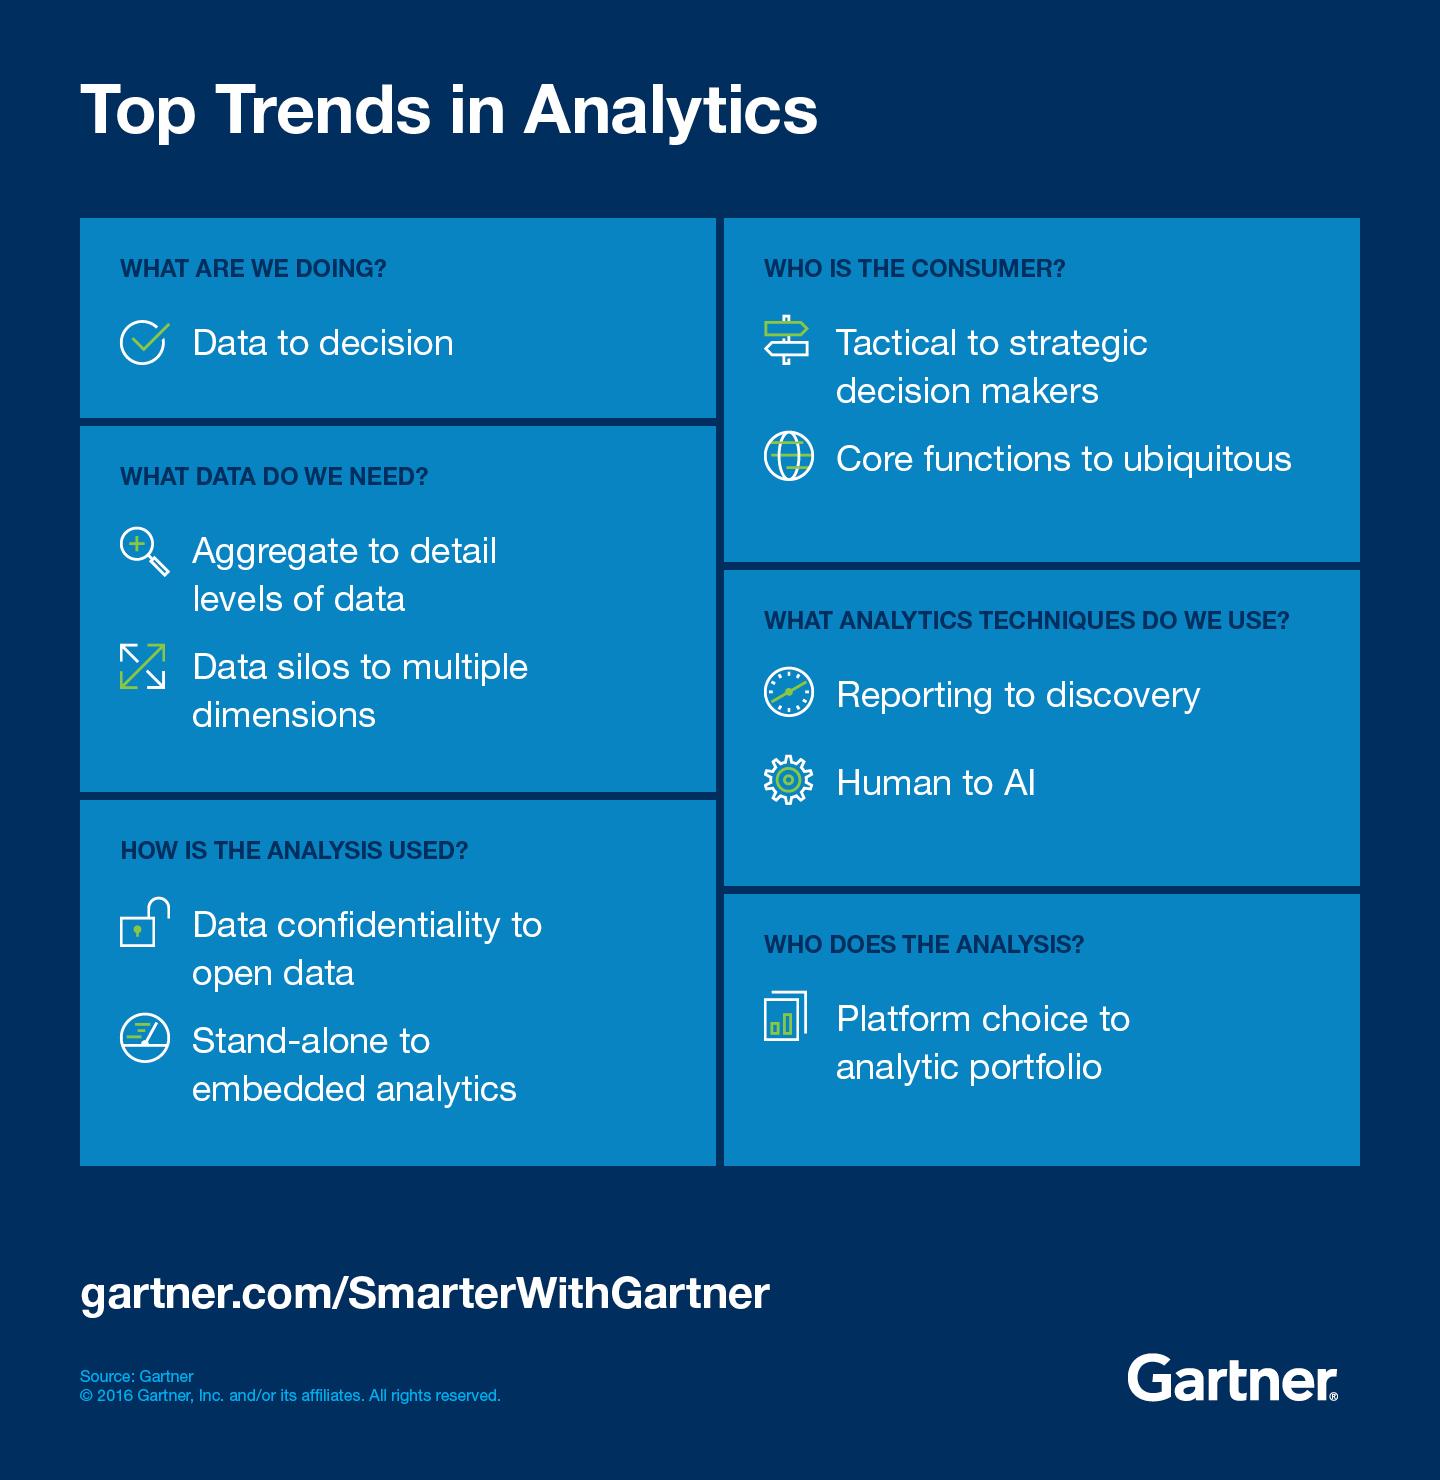 Top Trends in Analytics